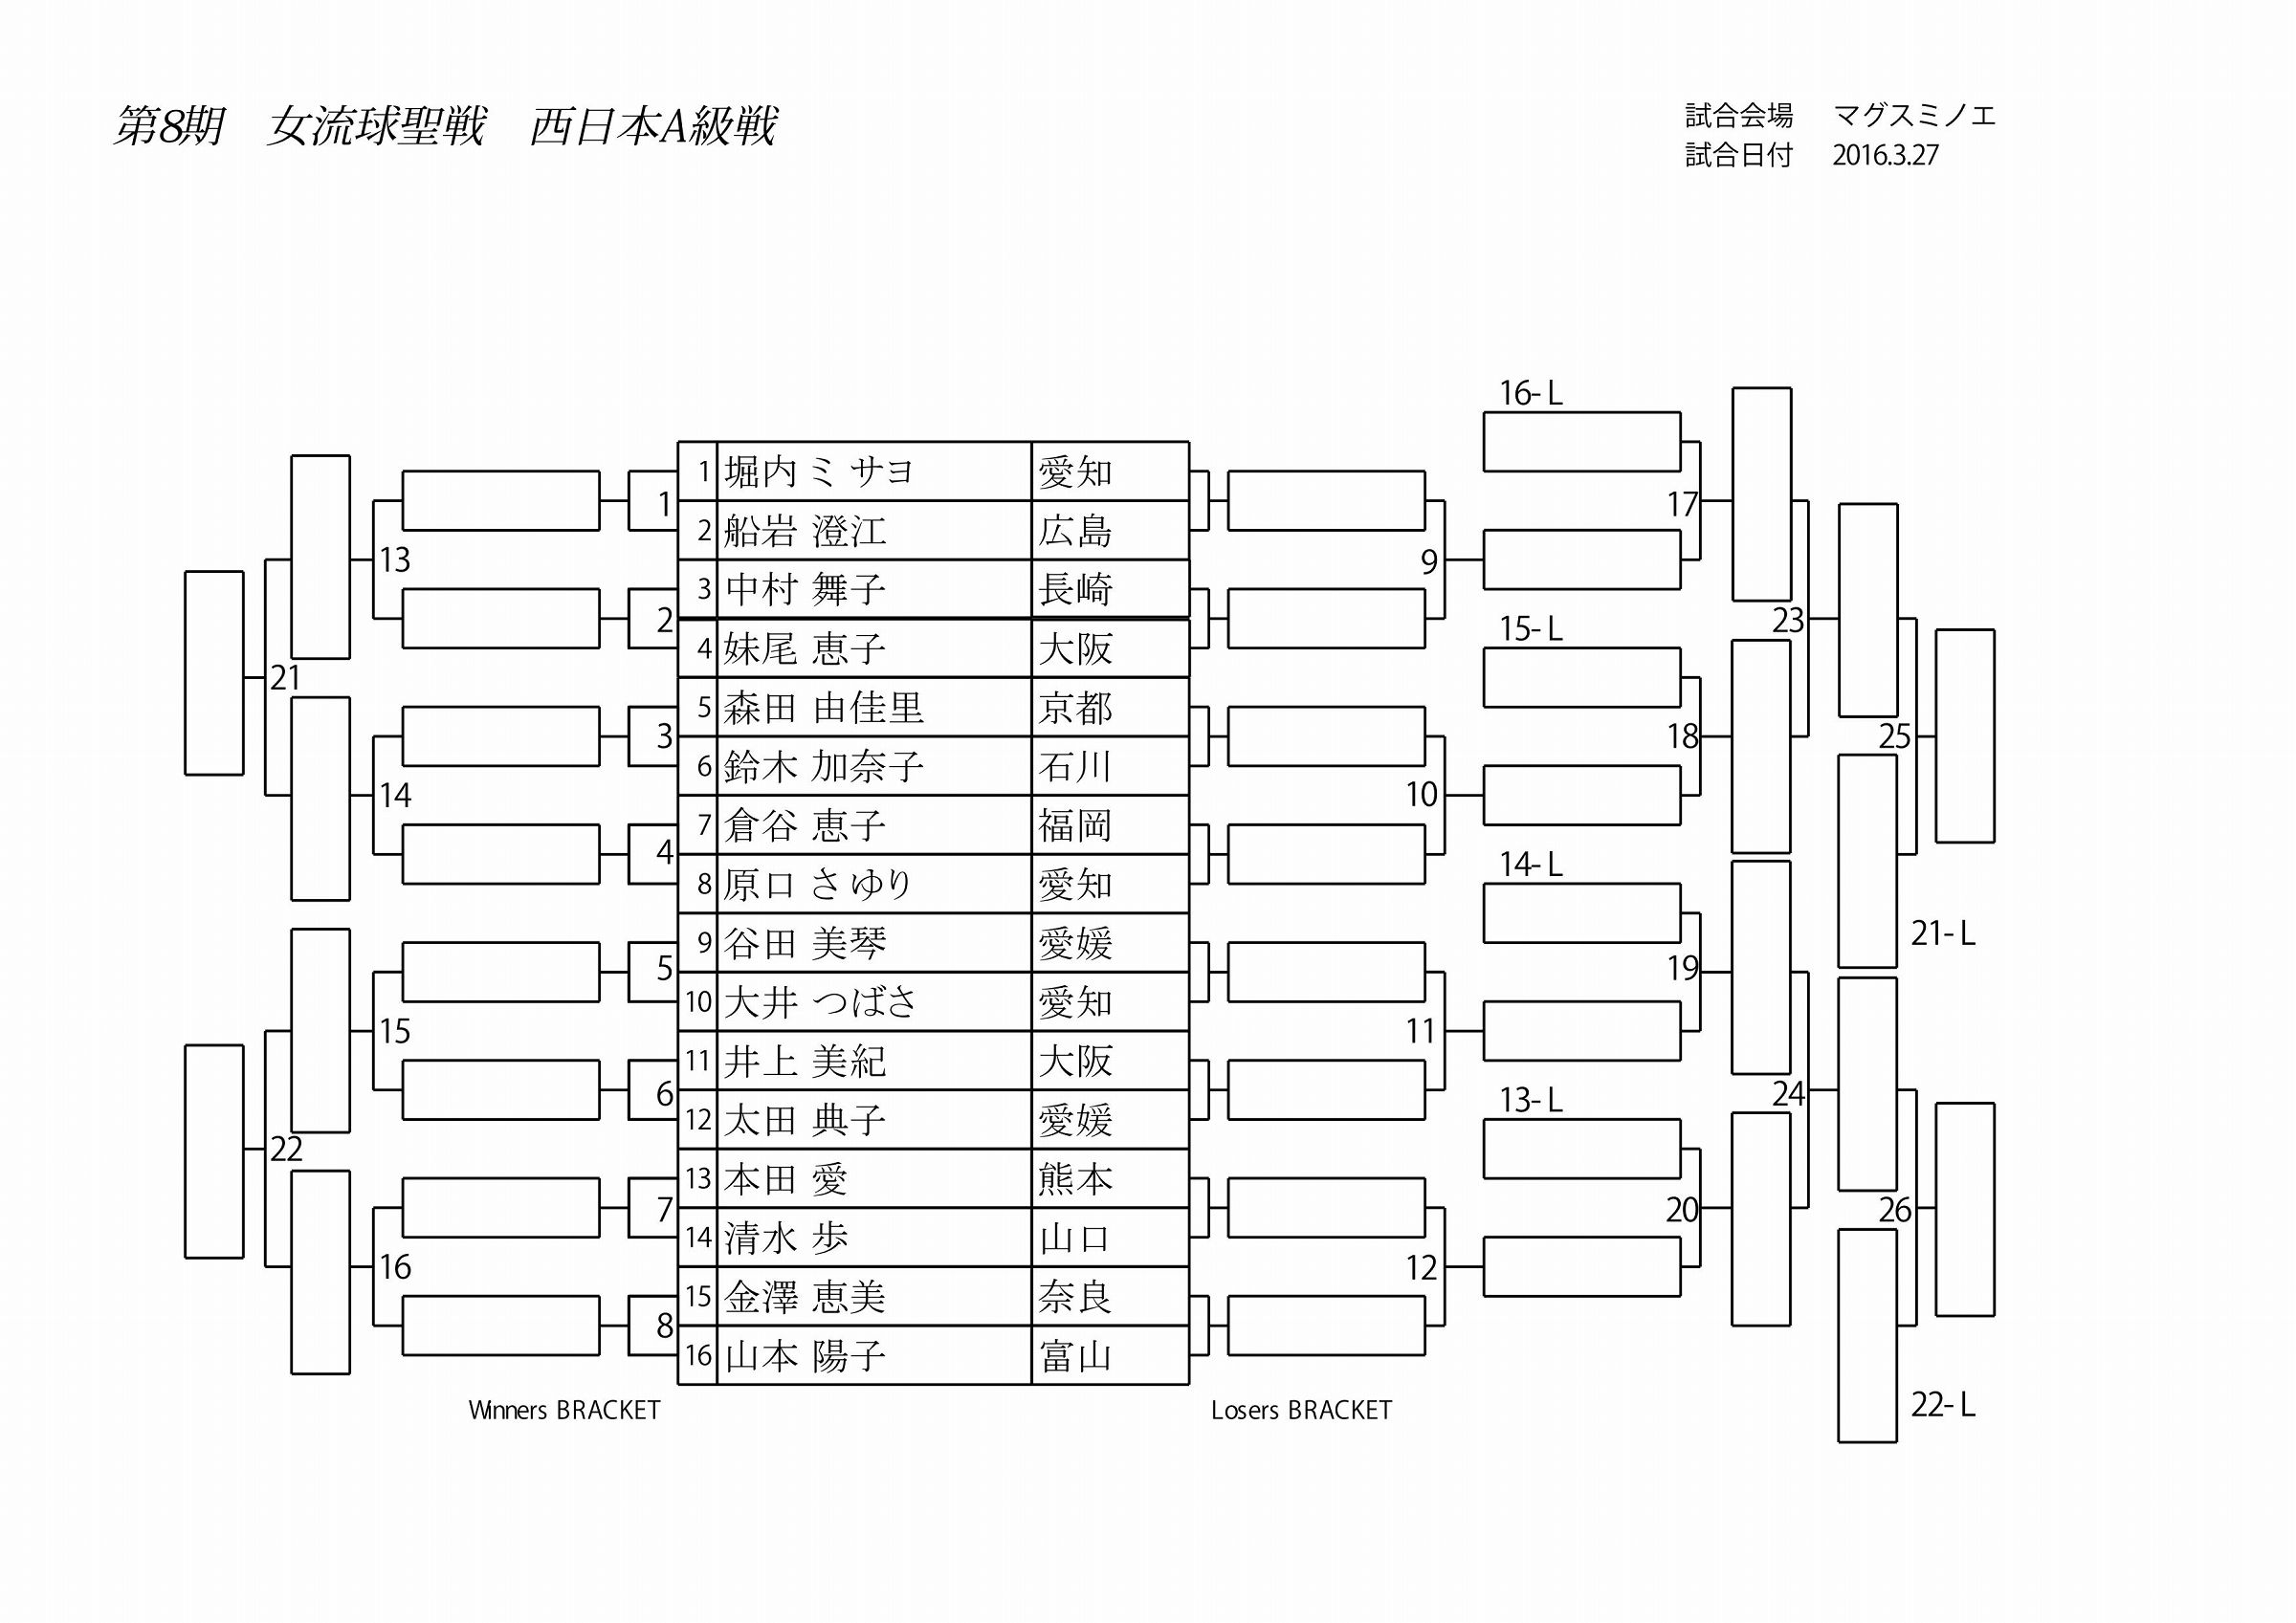 女流球聖戦西日本A級_01